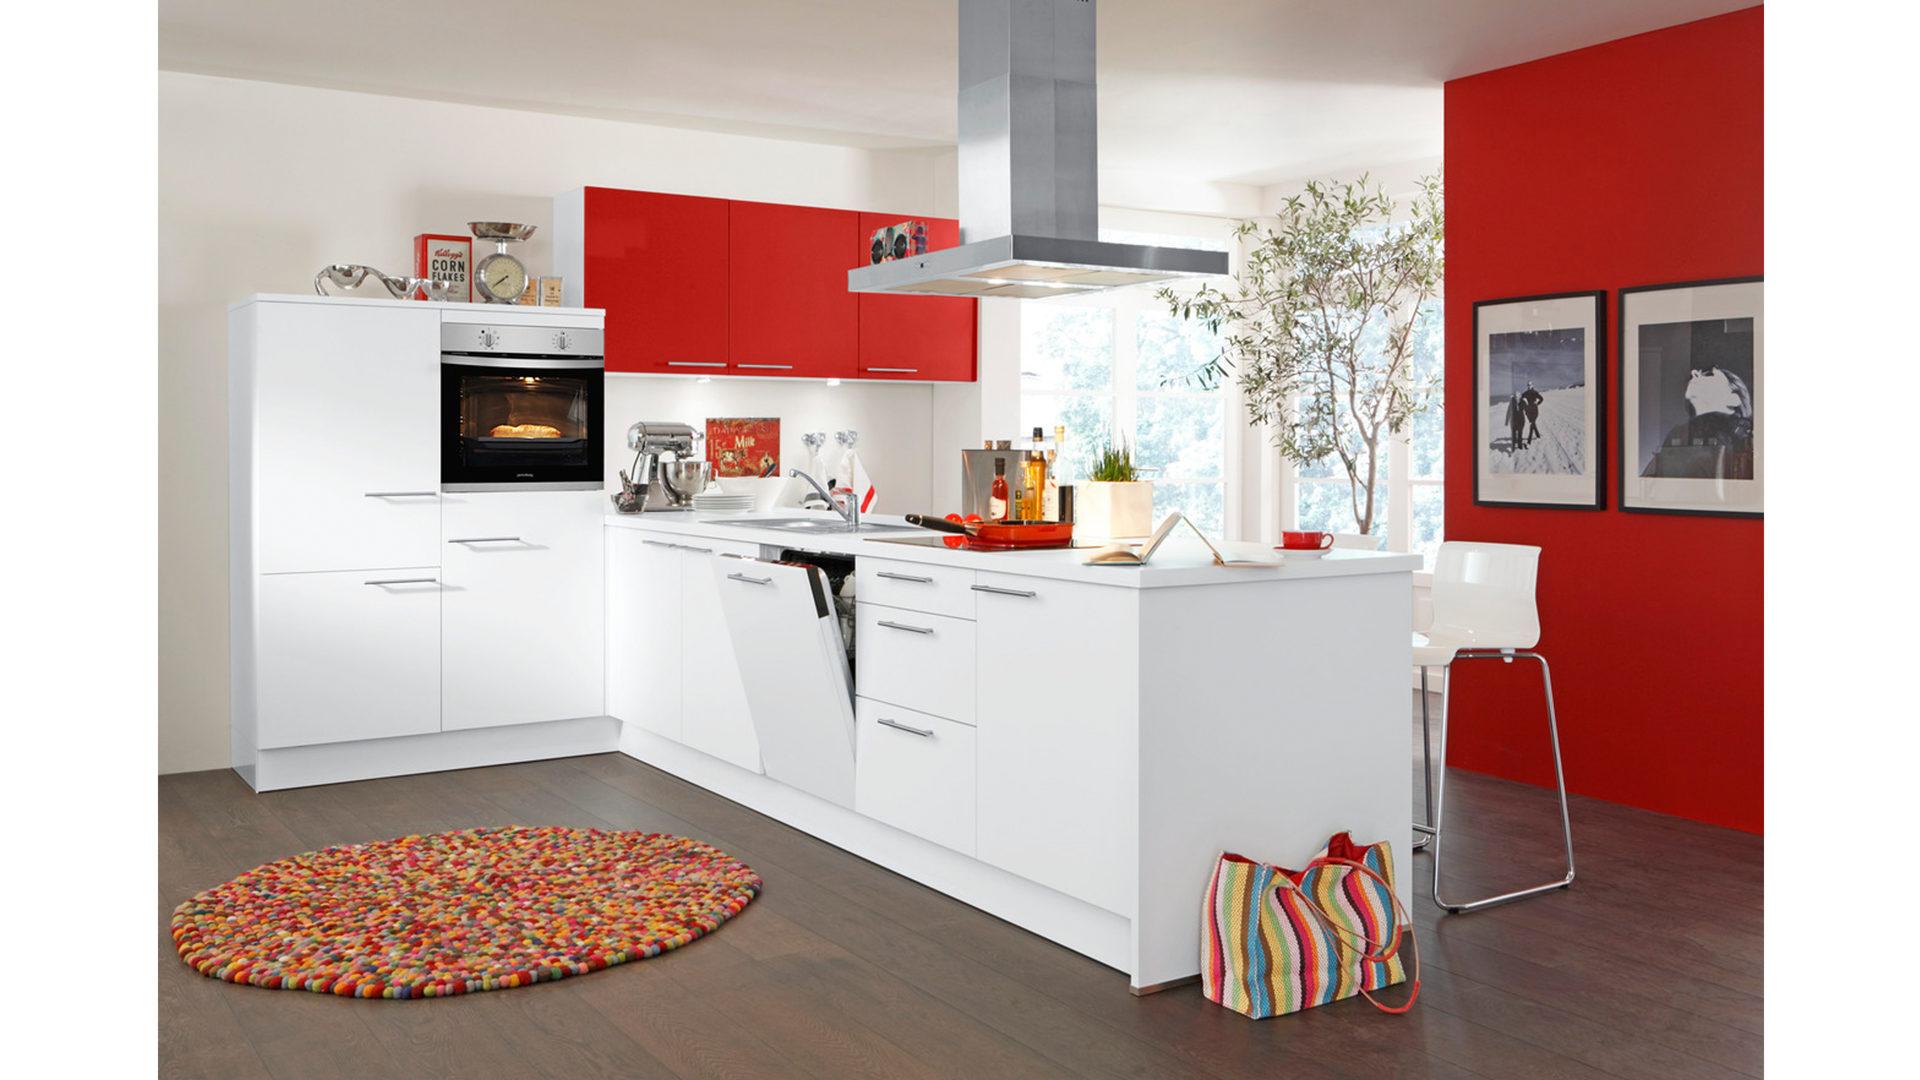 Hoffmann Möbel Guben, Möbel A Z, Küchen, Einbauküche